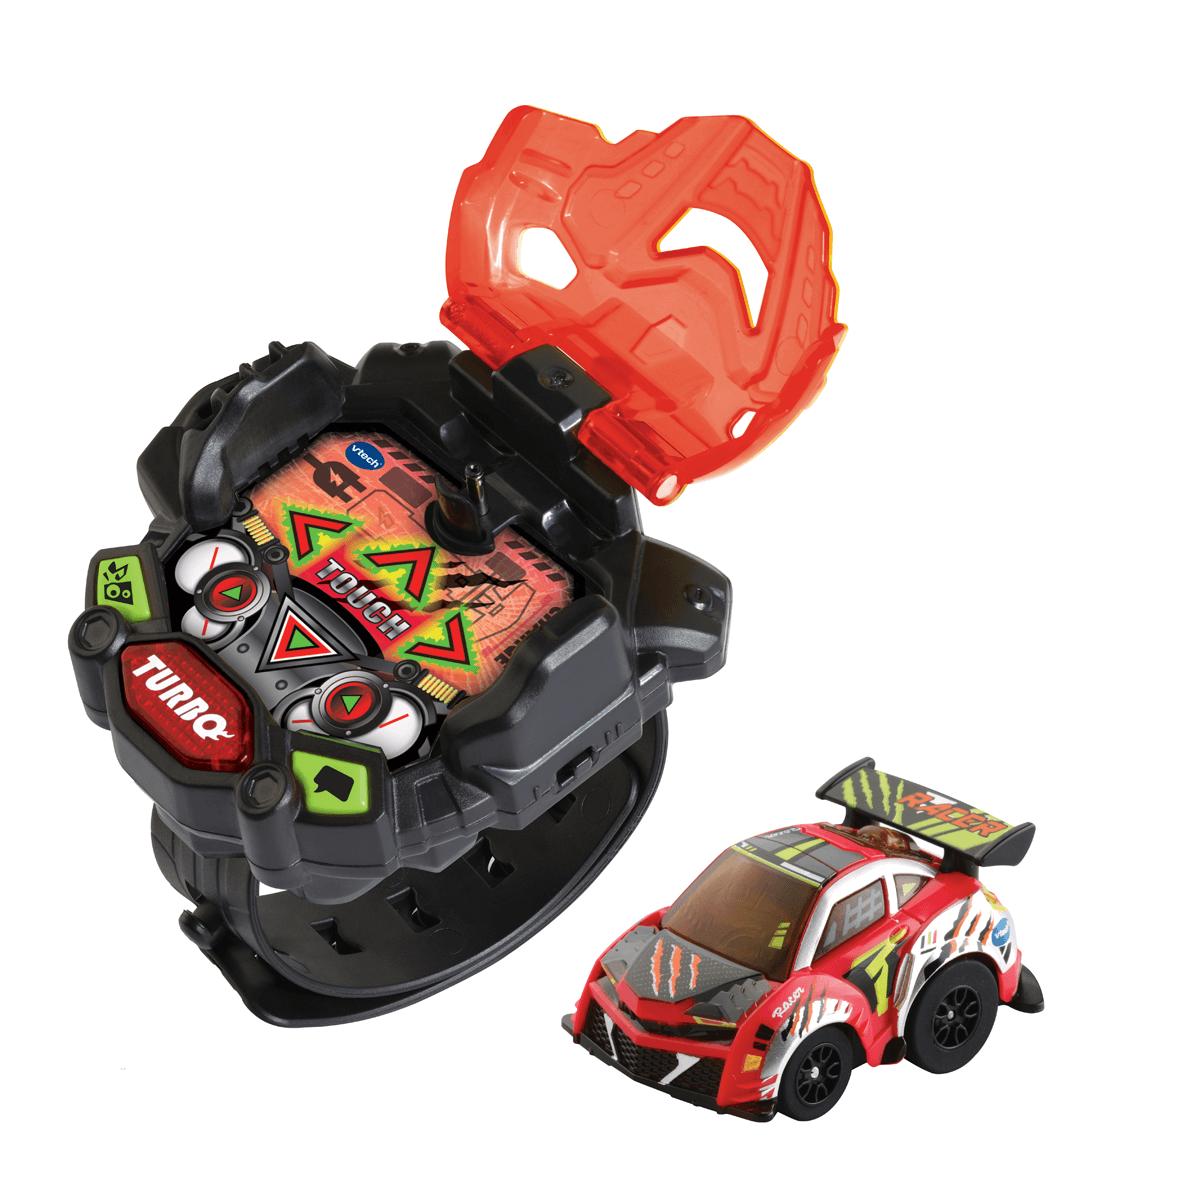 VTech Turbo Force Racer - Red